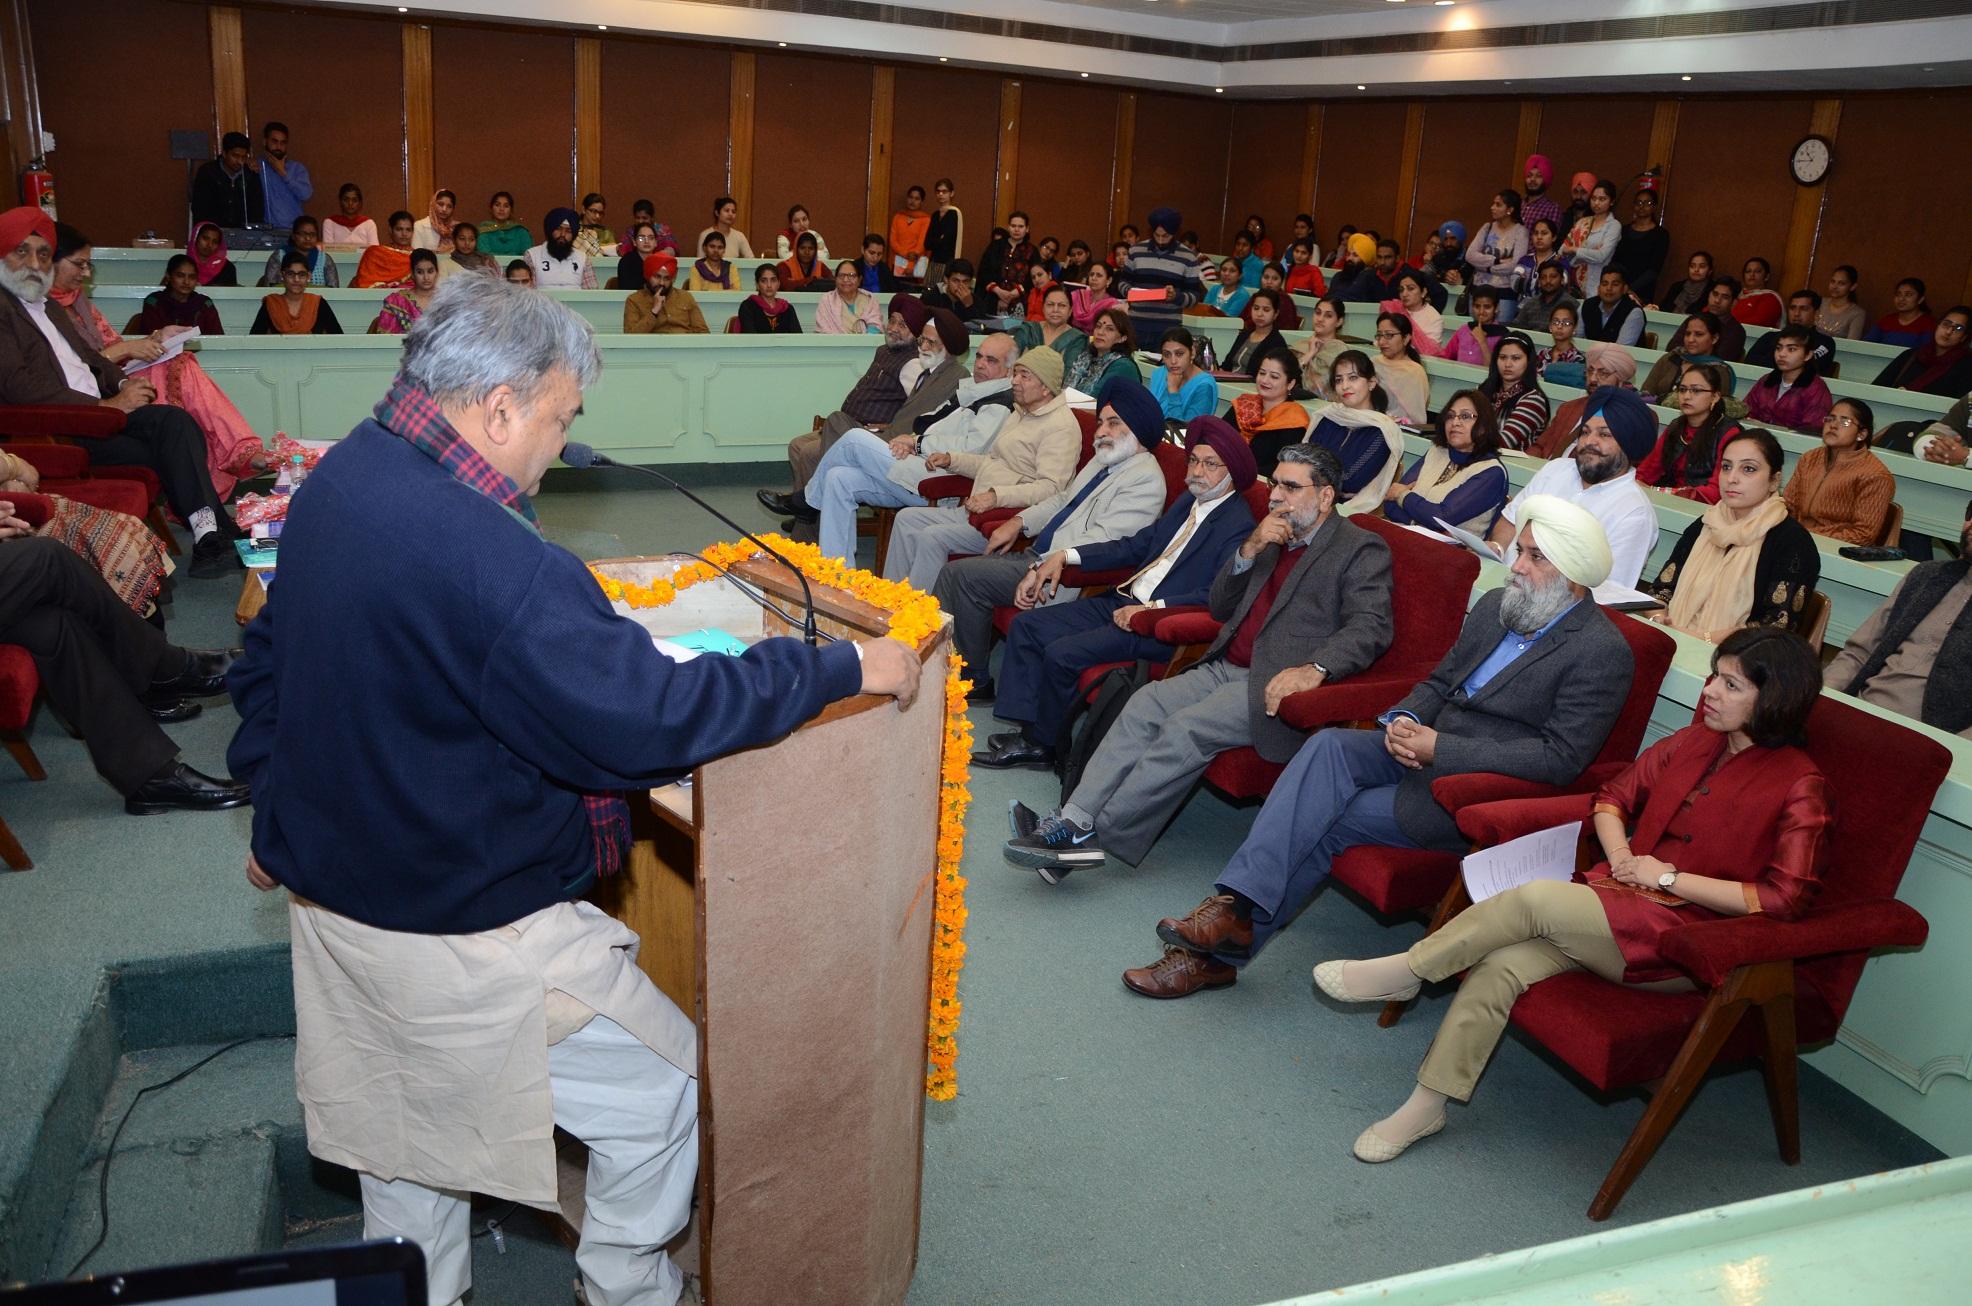 National seminar on 'Agricultural and Rural Diversification in Punjab' inaugurated at Guru Nanak Dev University